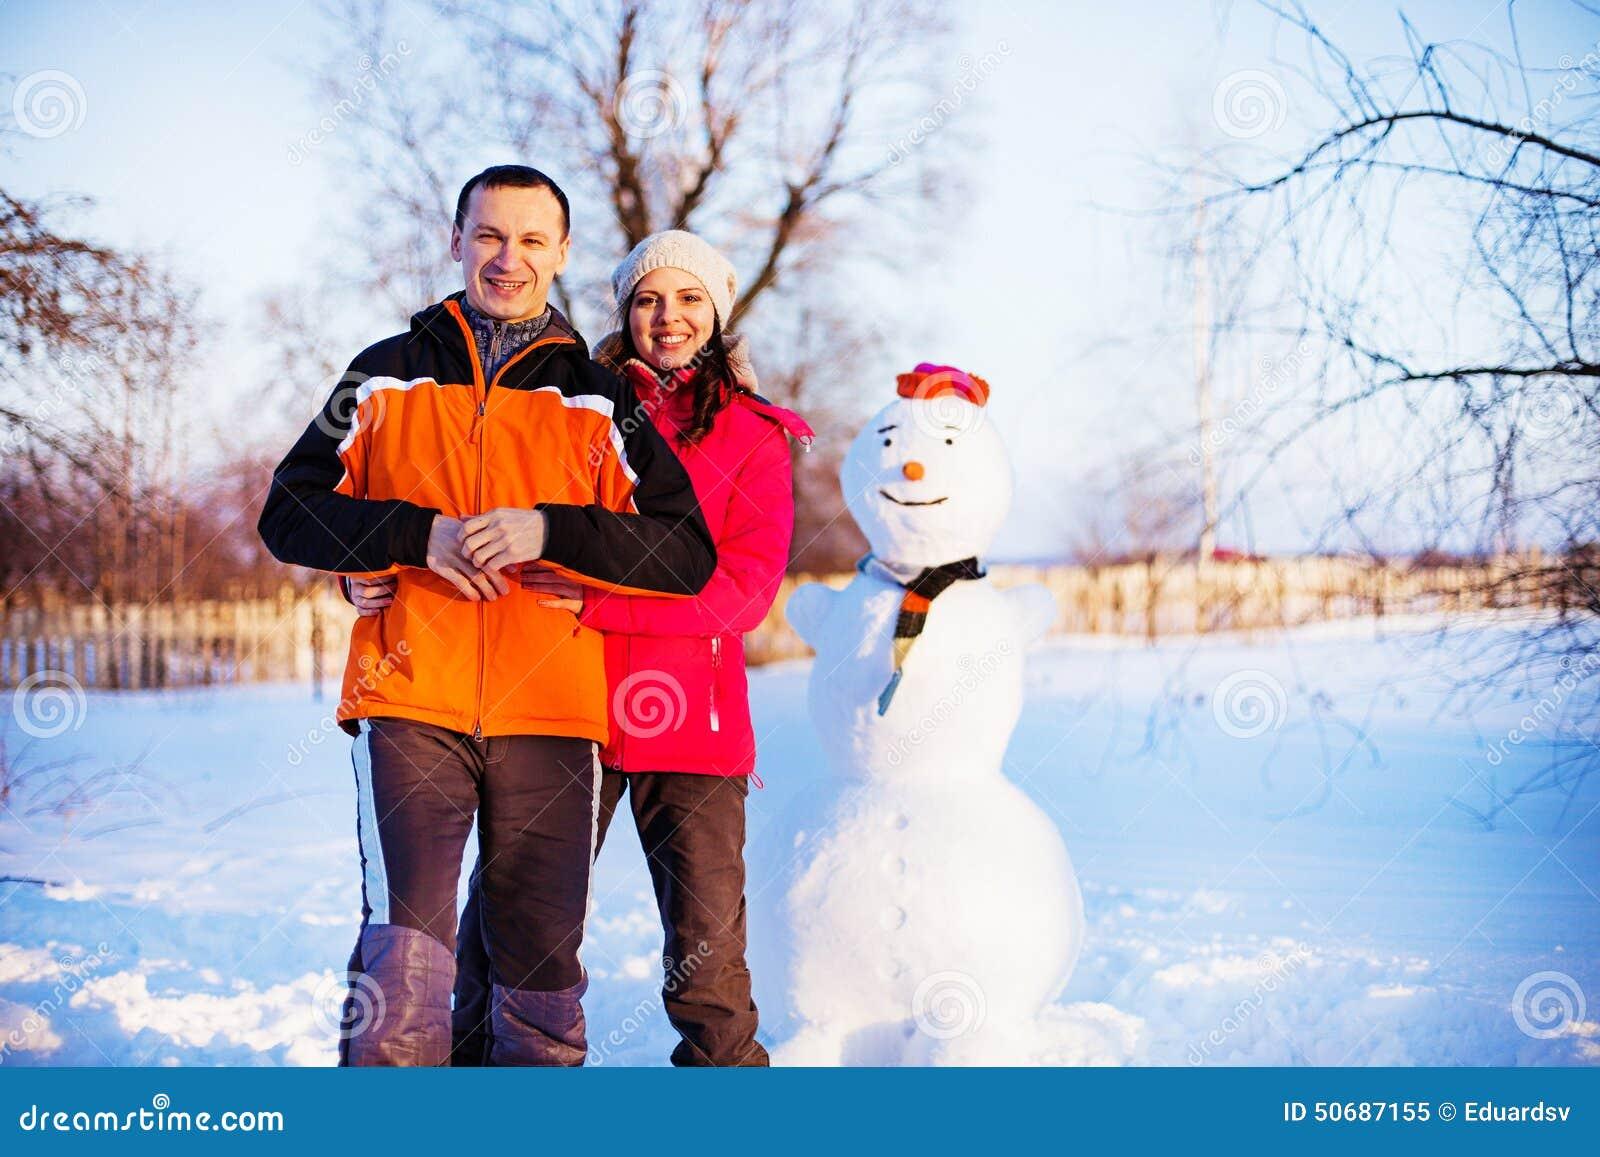 Download 夫妇 库存图片. 图片 包括有 户外, 幸福, 微笑, 纵向, 其它, 妇女, 女性, 照相机, 查找, 农村 - 50687155